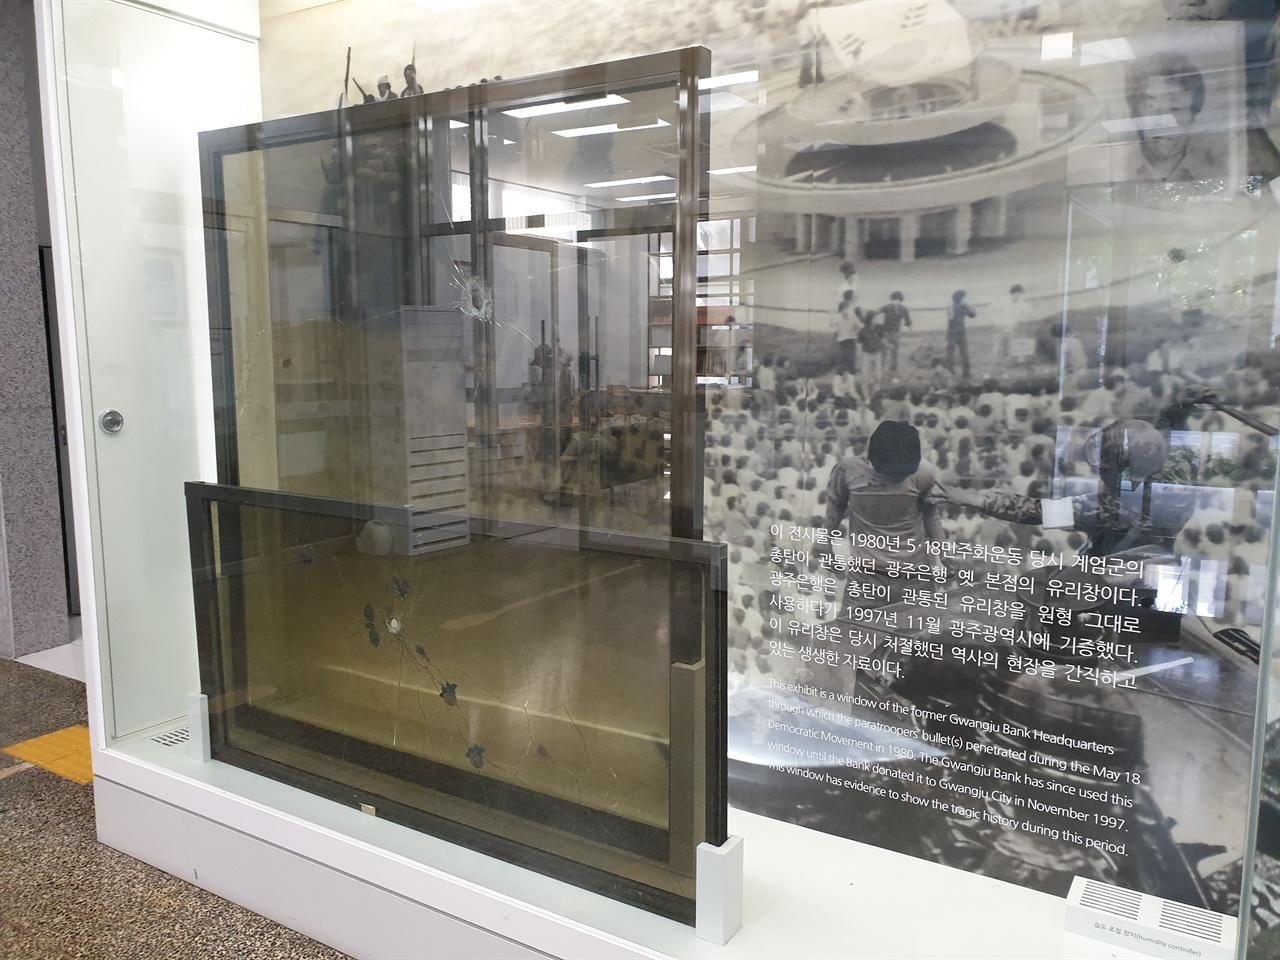 5.18민주화운동 당시에는 가톨릭센터였지만 지금은 유네스코 세계기록유산인 5.18 기록물들을 보존하고 전시하고 있는 5.18민주화운동 기록관